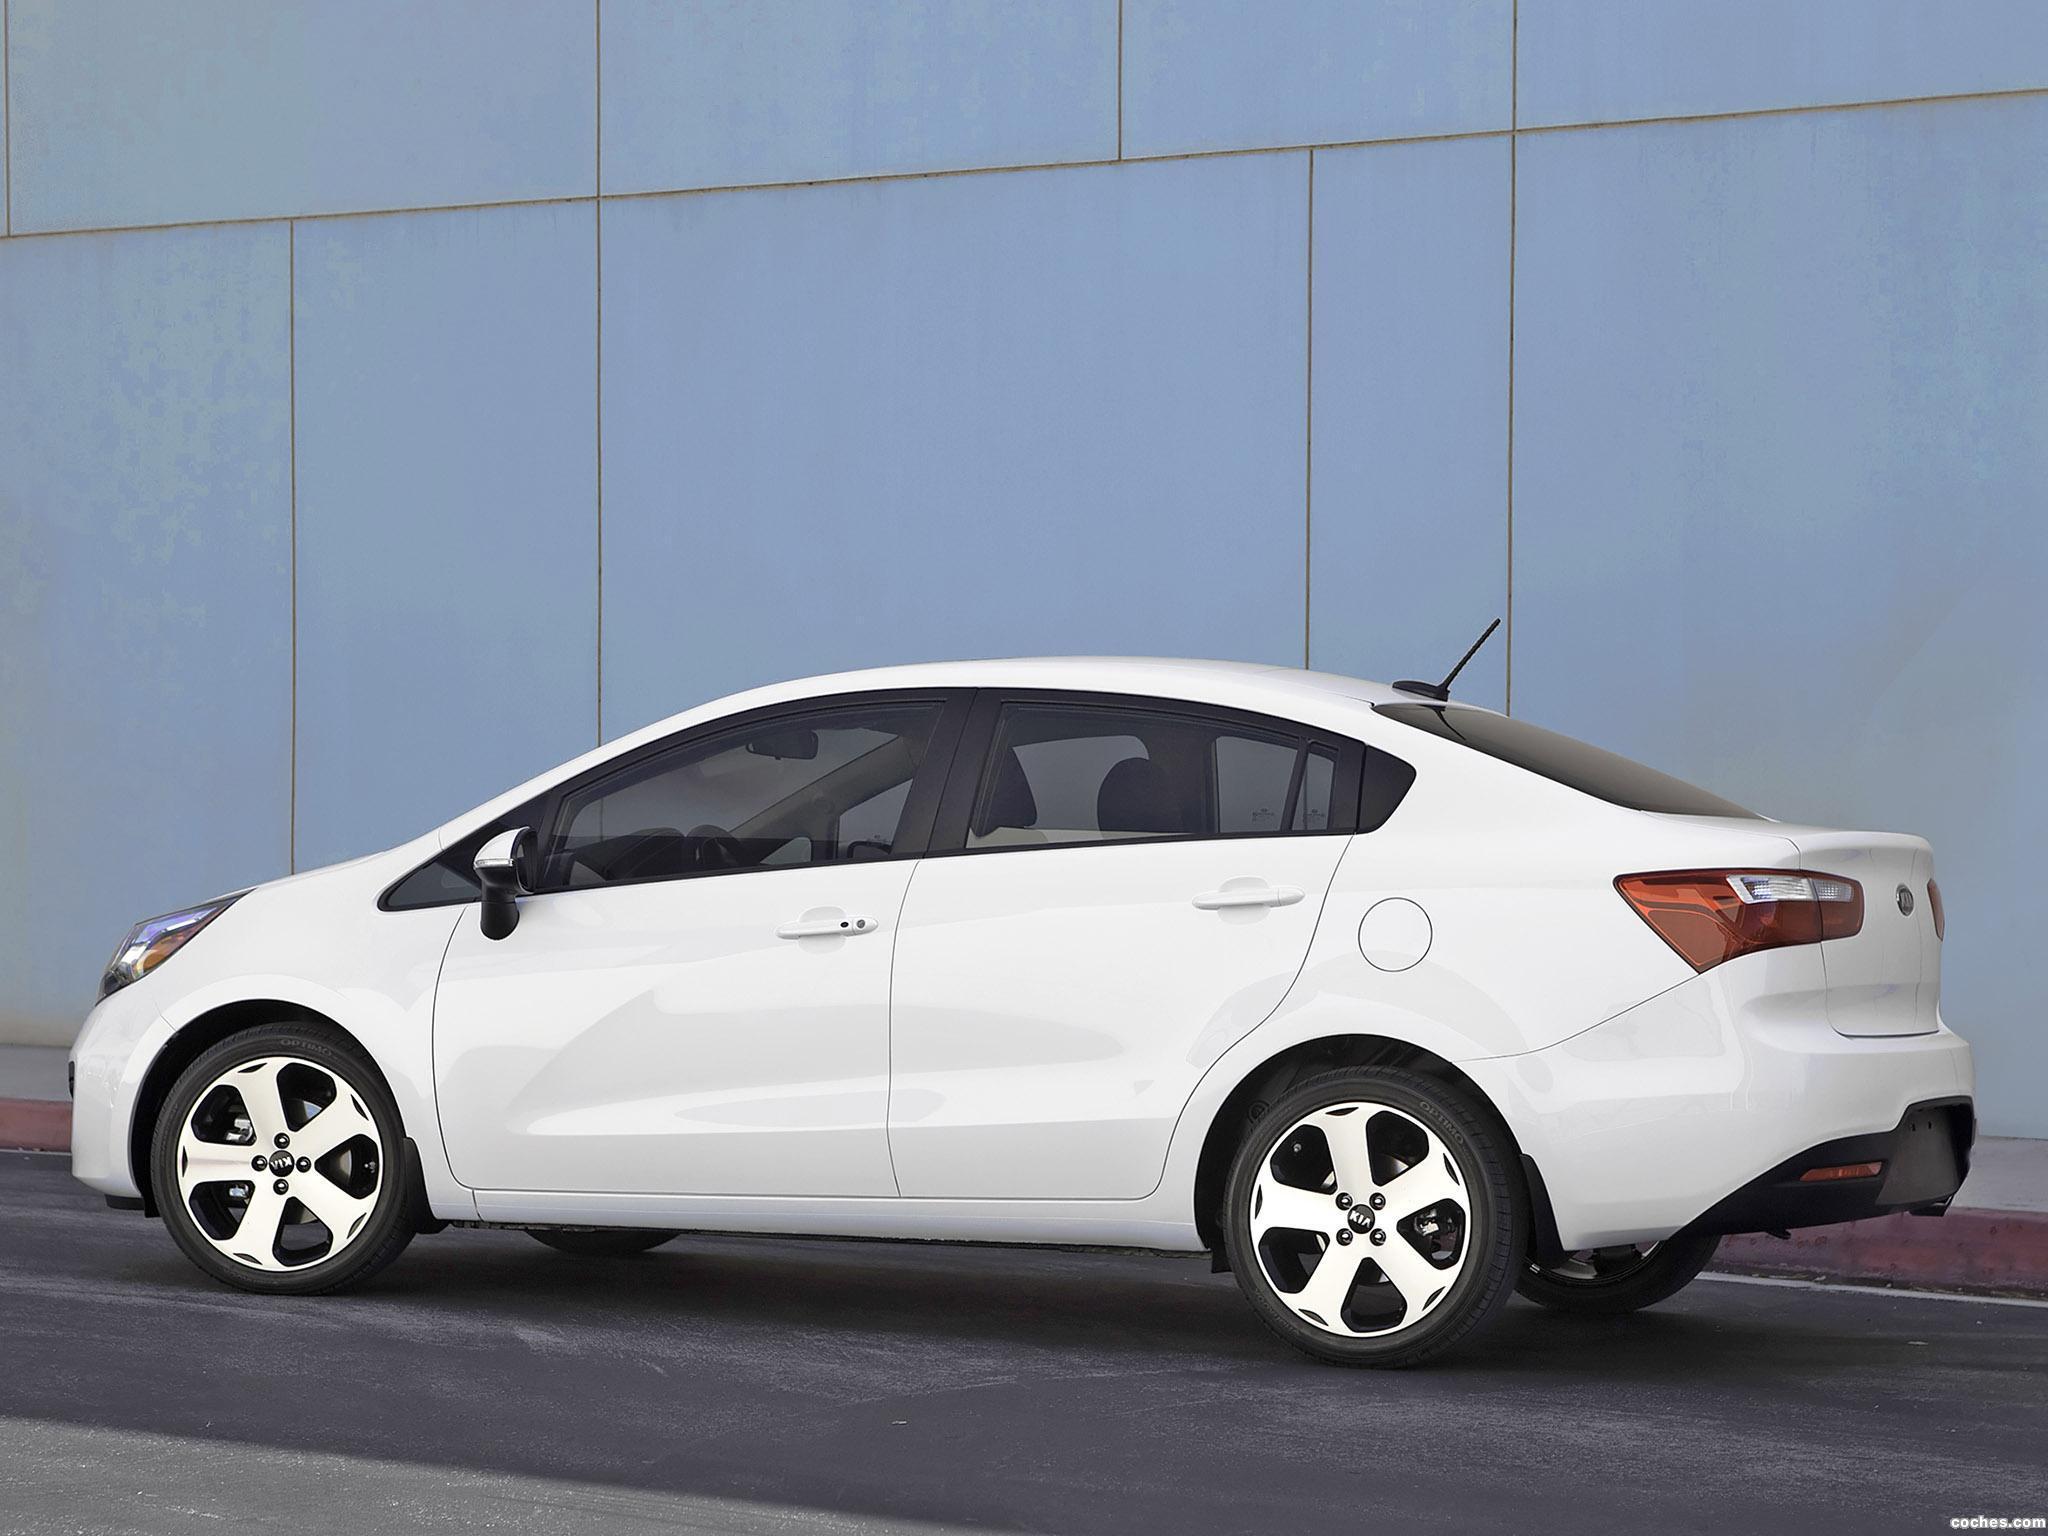 Foto 1 de Kia Rio Sedan USA 2011